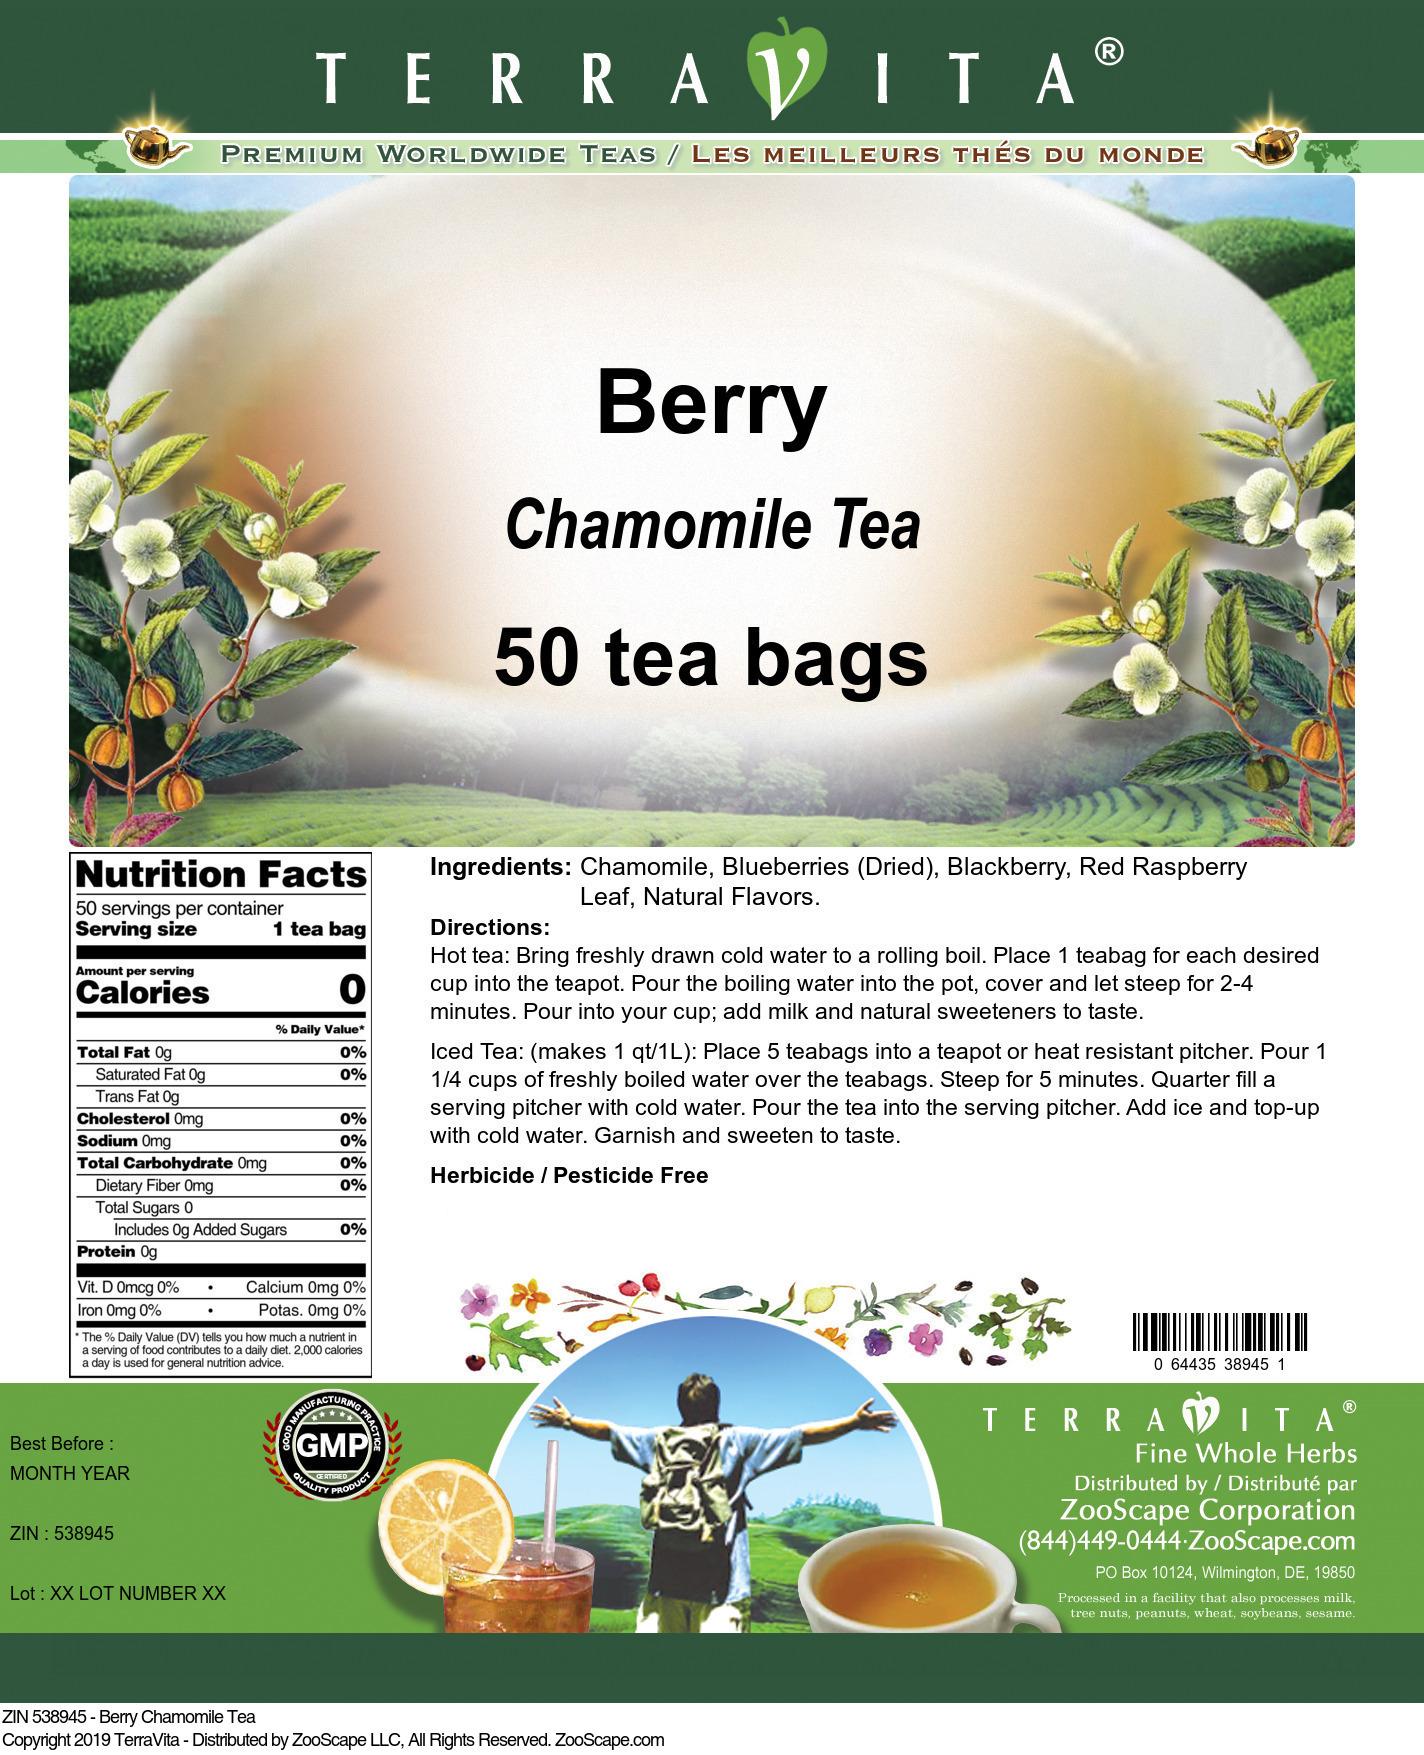 Berry Chamomile Tea